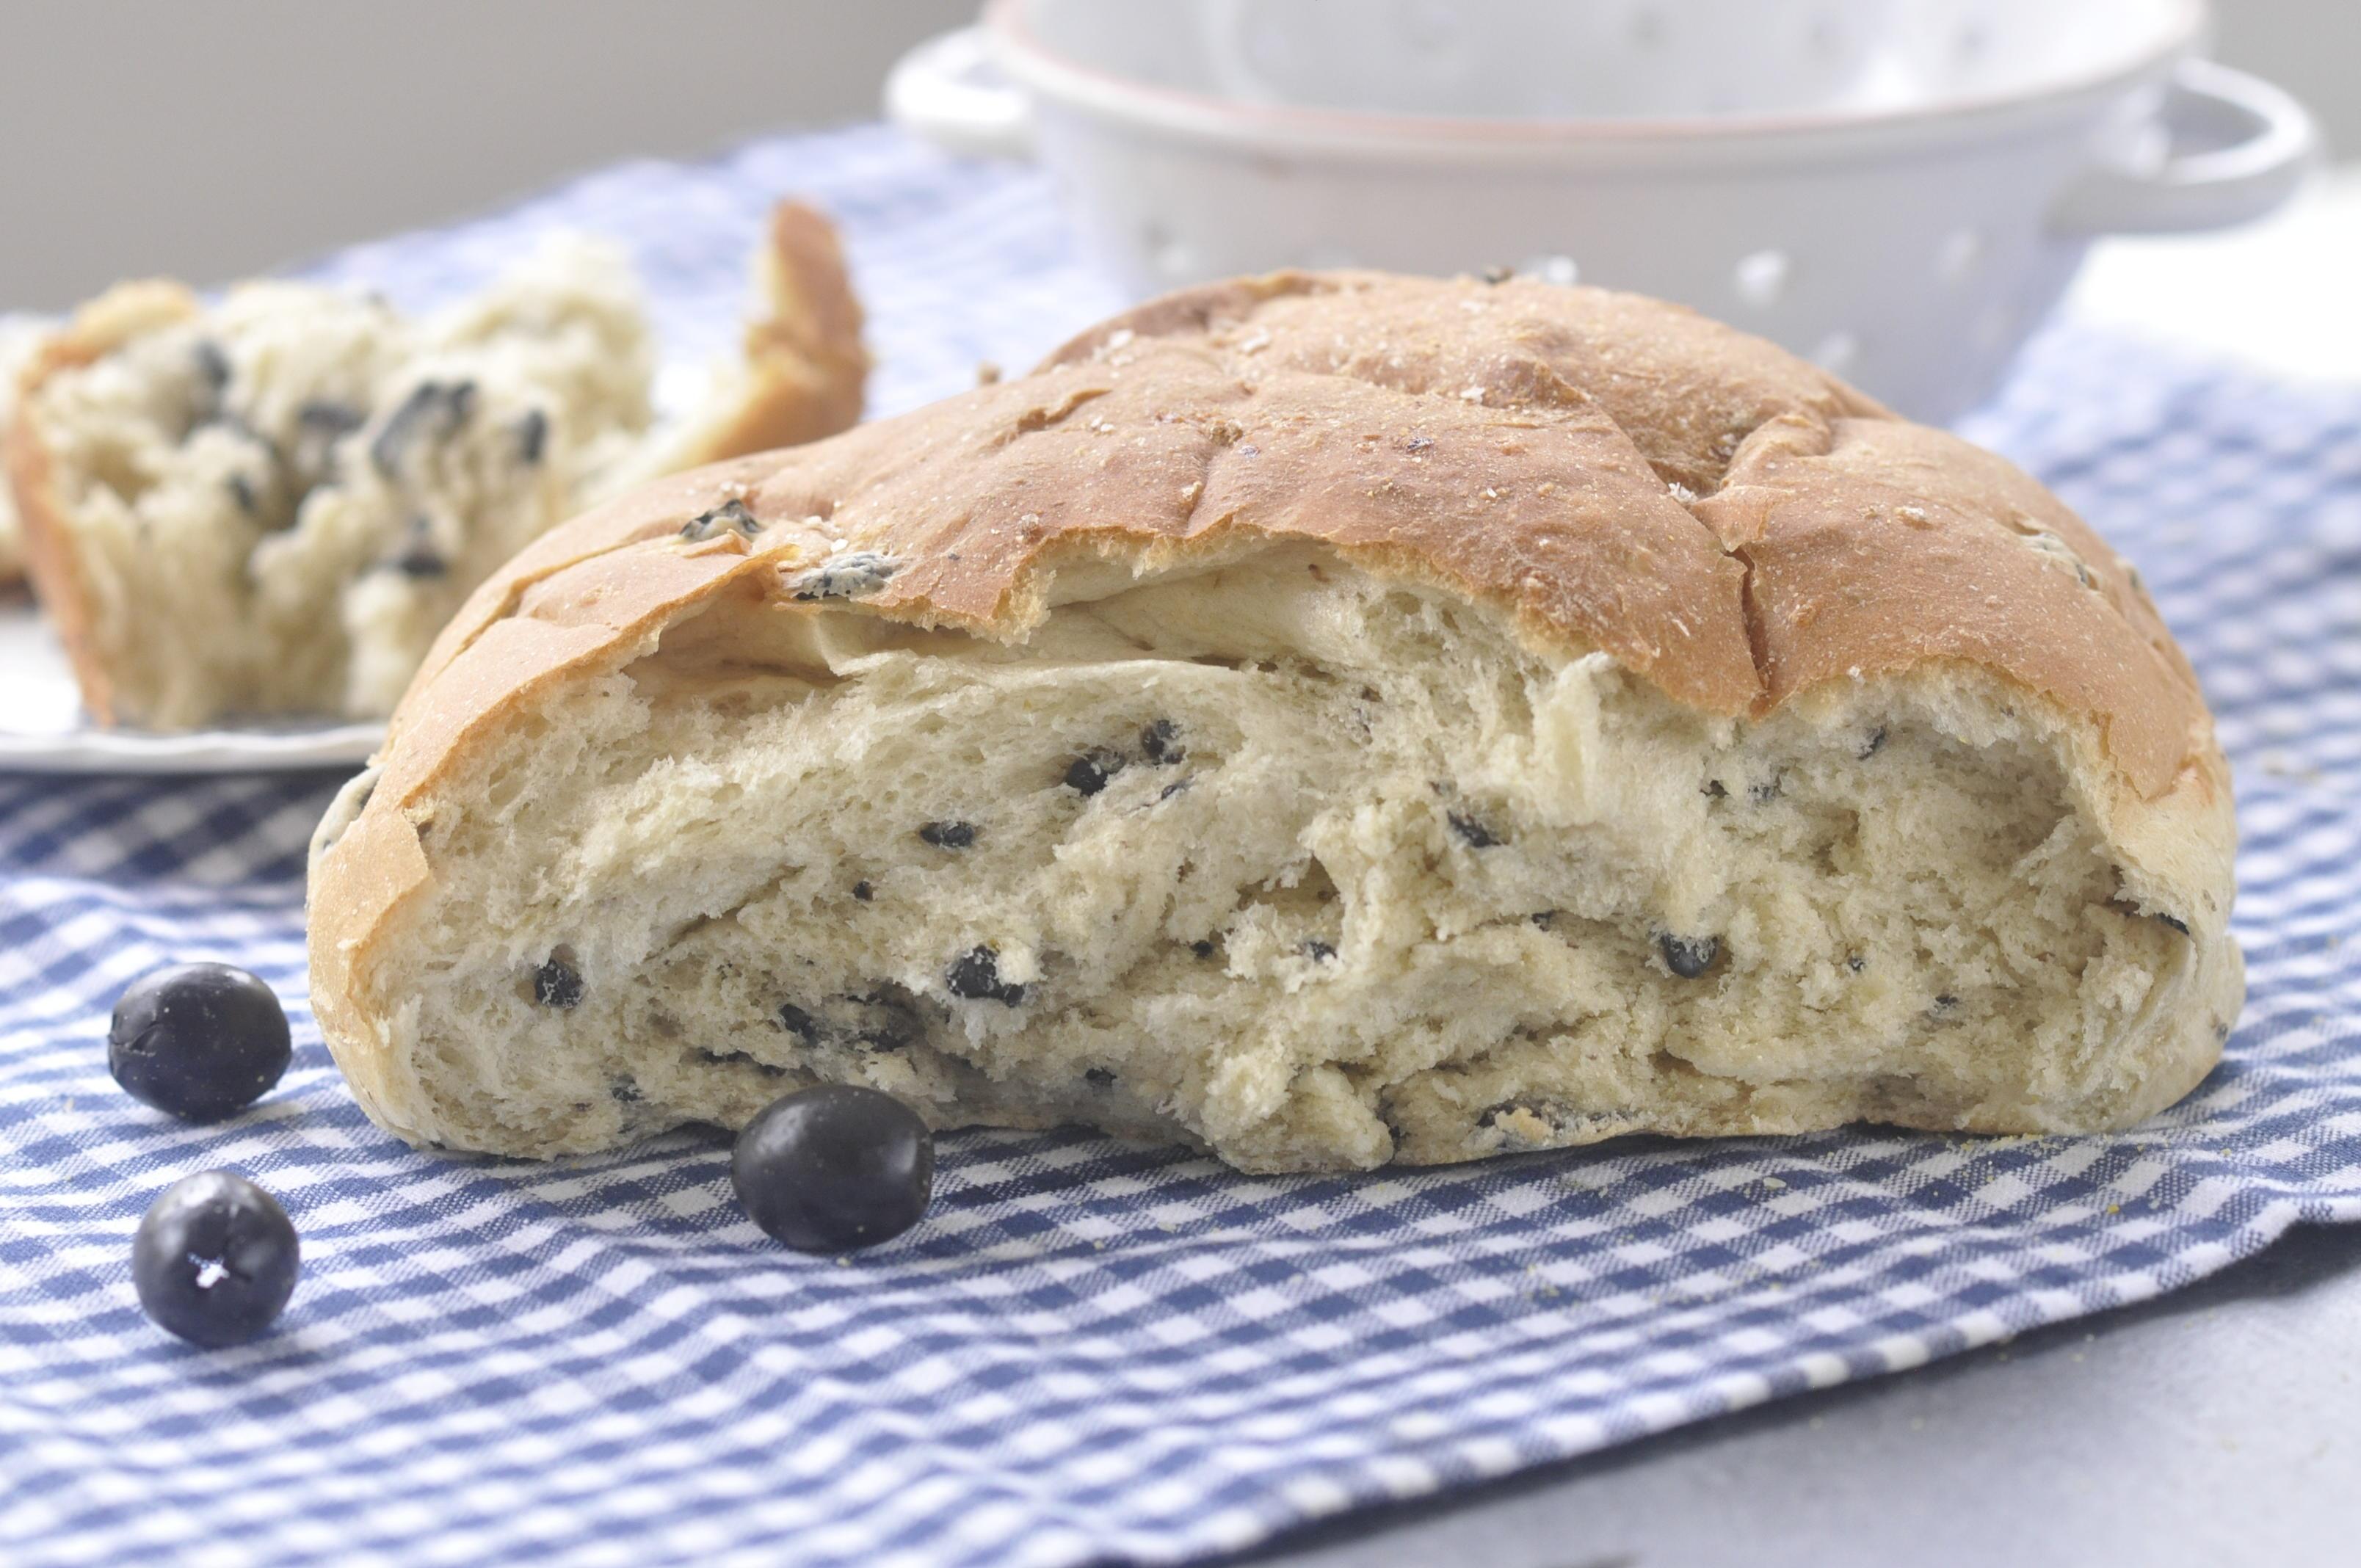 California Ripe Olive Bread